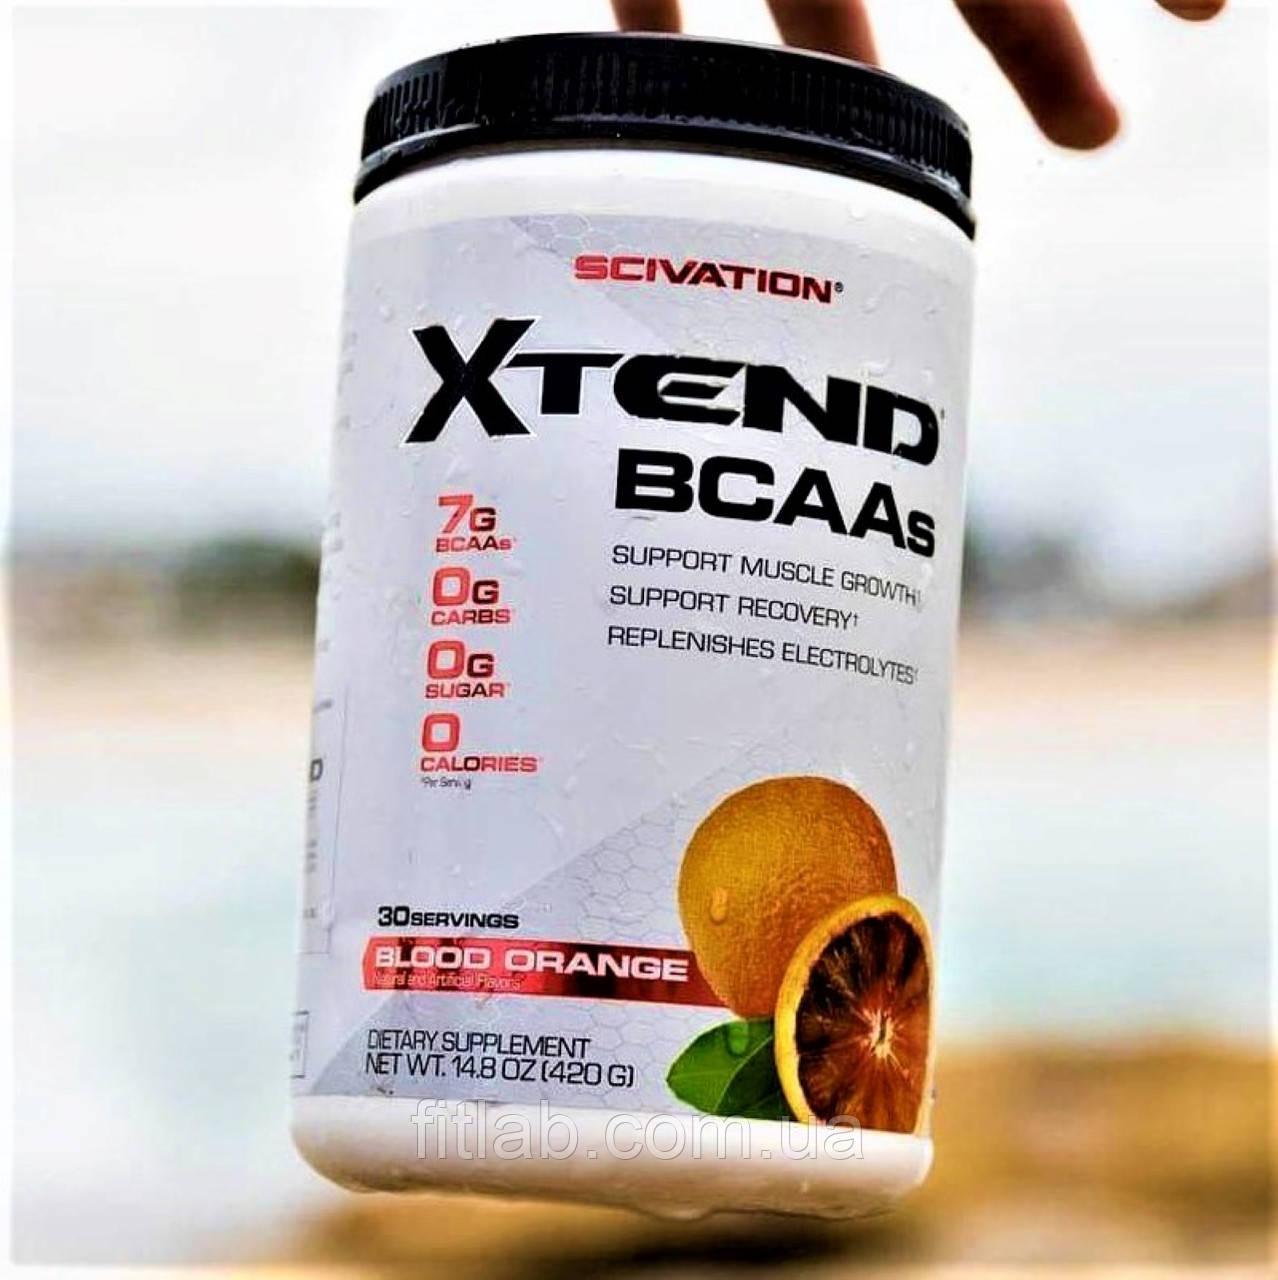 Scivation Xtend Bcaa 30 порций, 420 г  Икстенд BCAA, бца аминокислоты для набора массы мышц